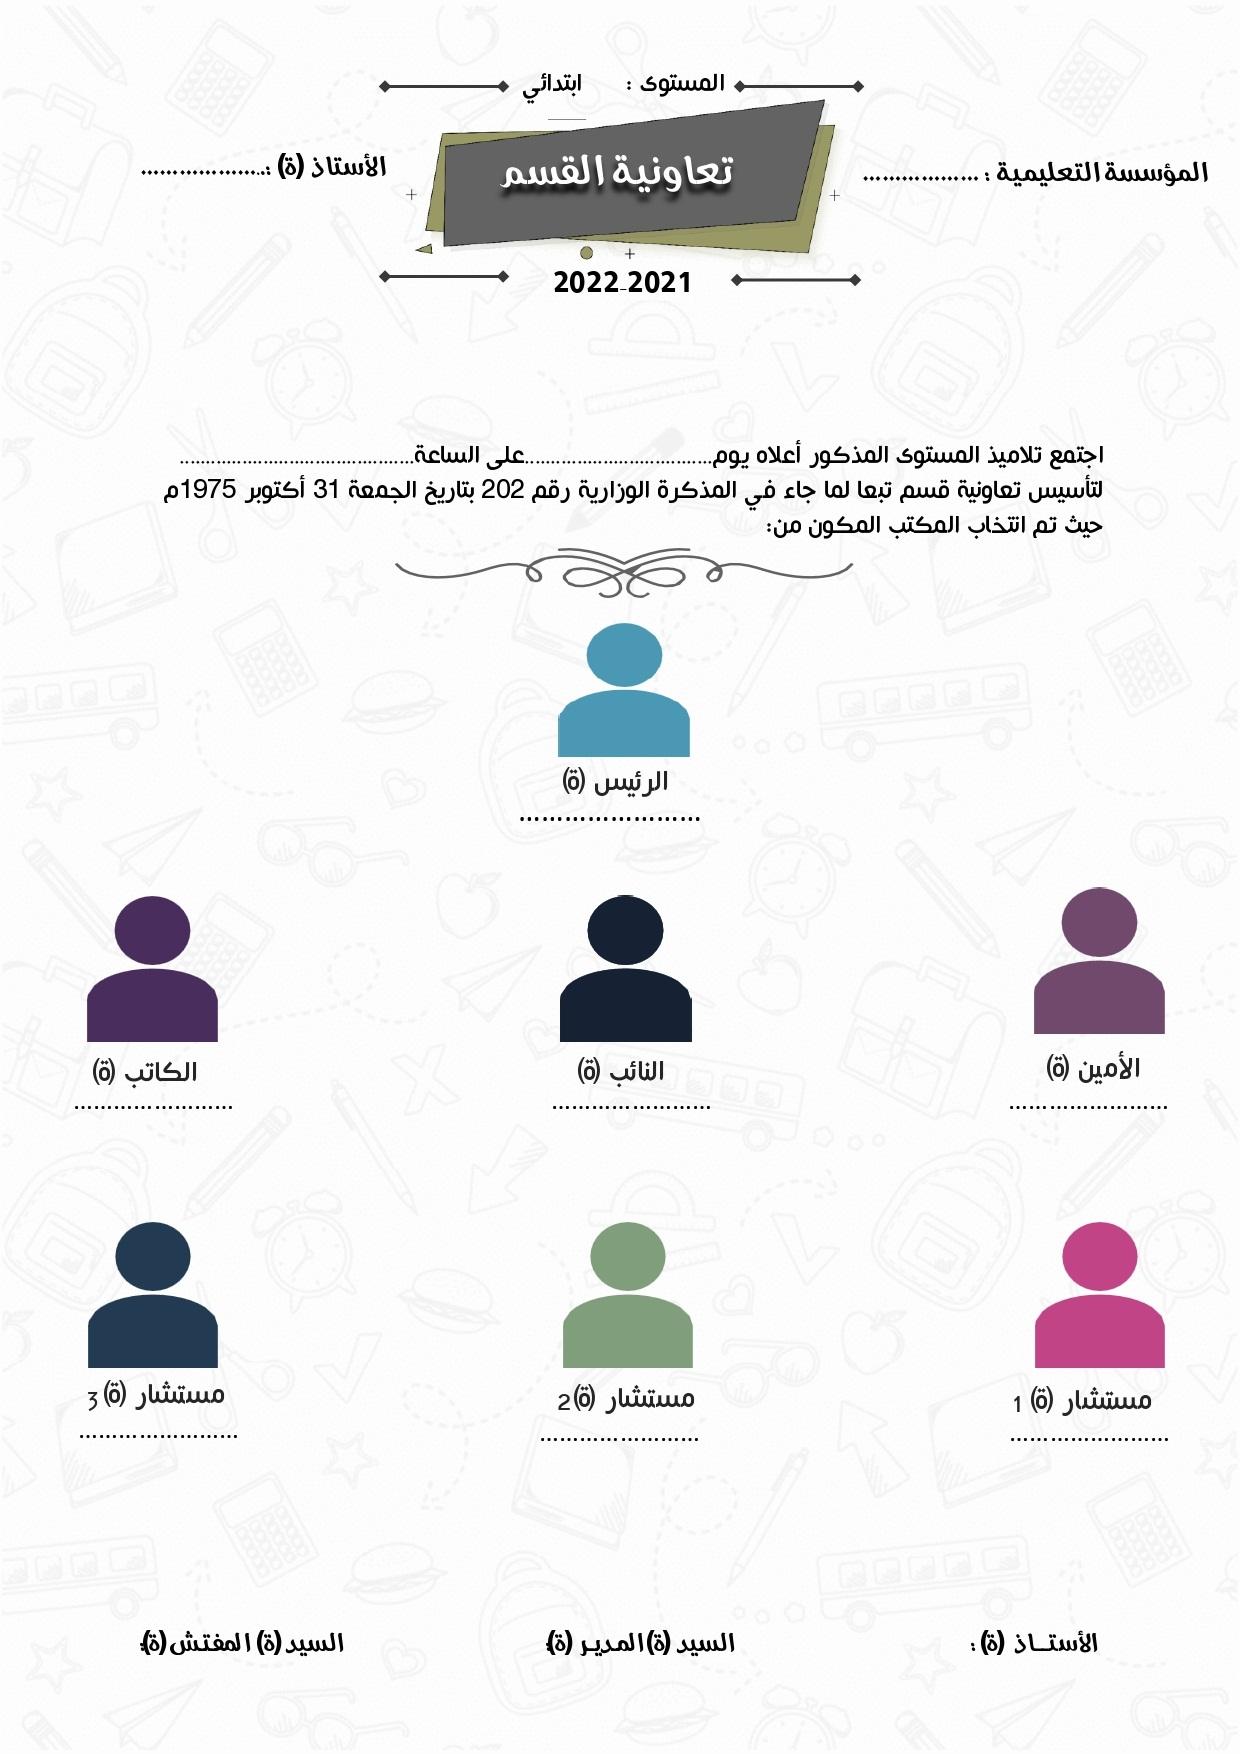 مطبوع محضر تعاونية القسم 2022